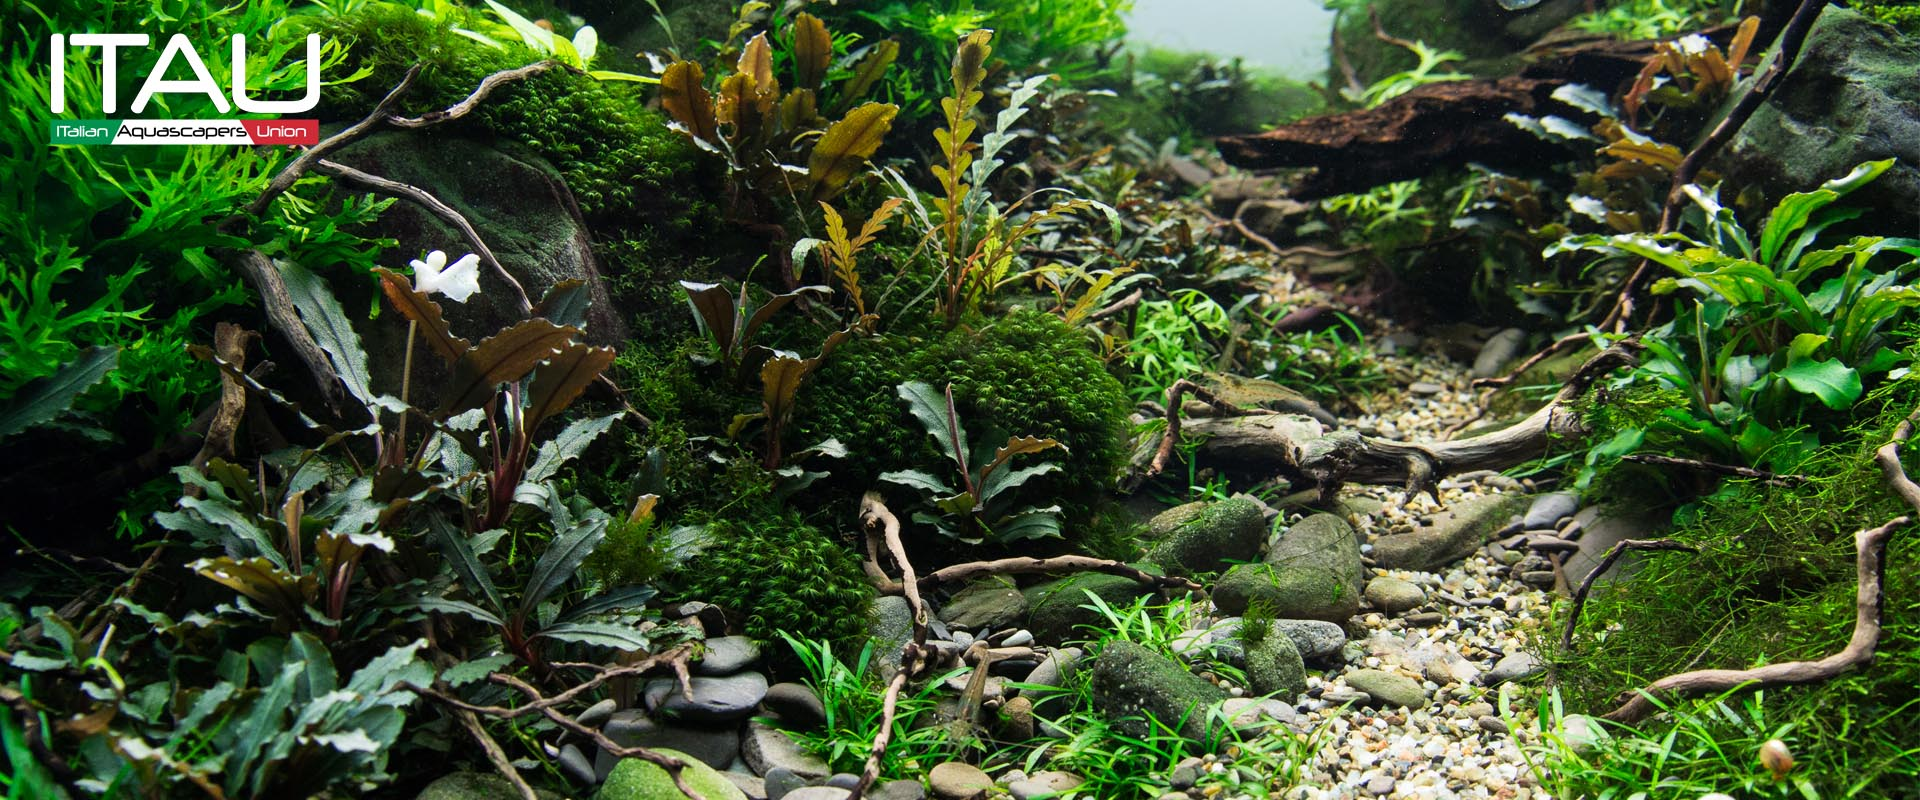 ITAU   Video Tutorial Aquascape Nature Aquarium Di Giuseppe Nisi